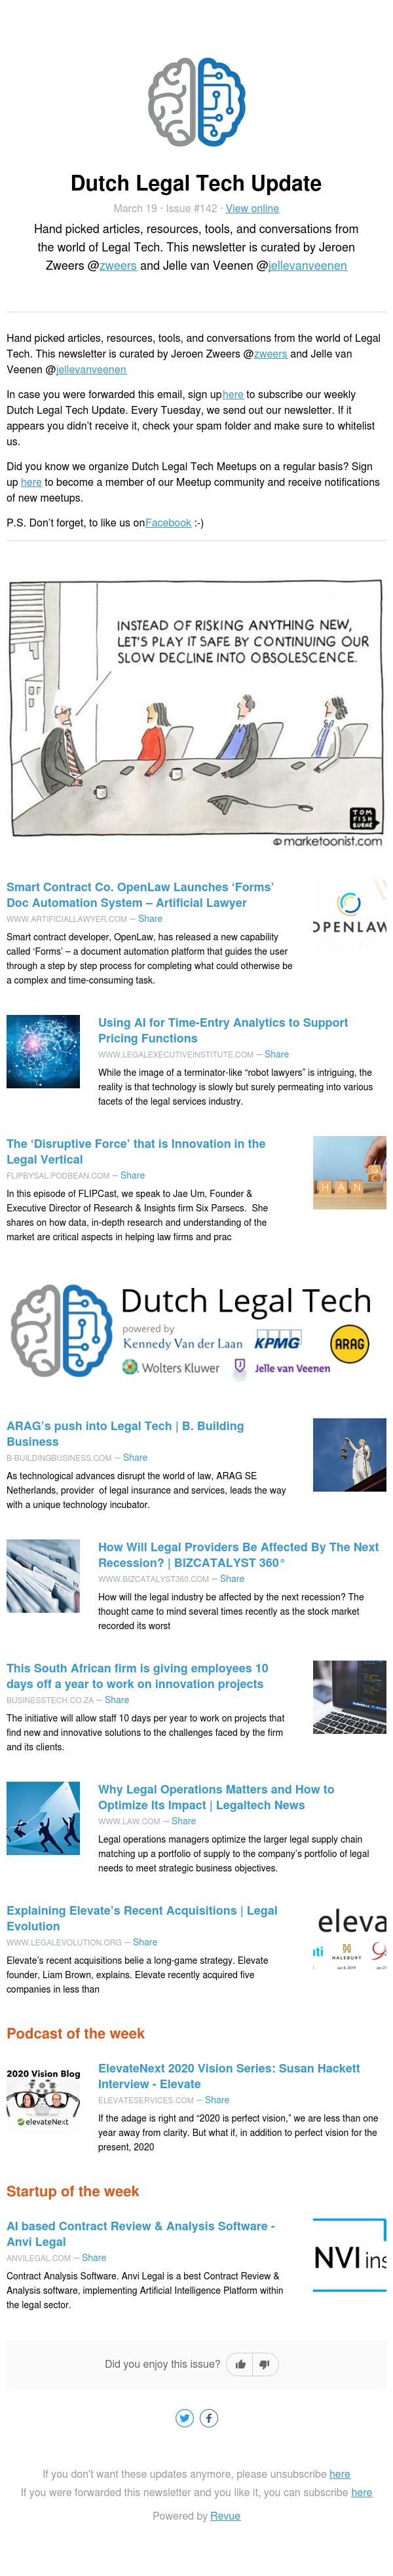 Dutch Legal Tech Update - Issue 142